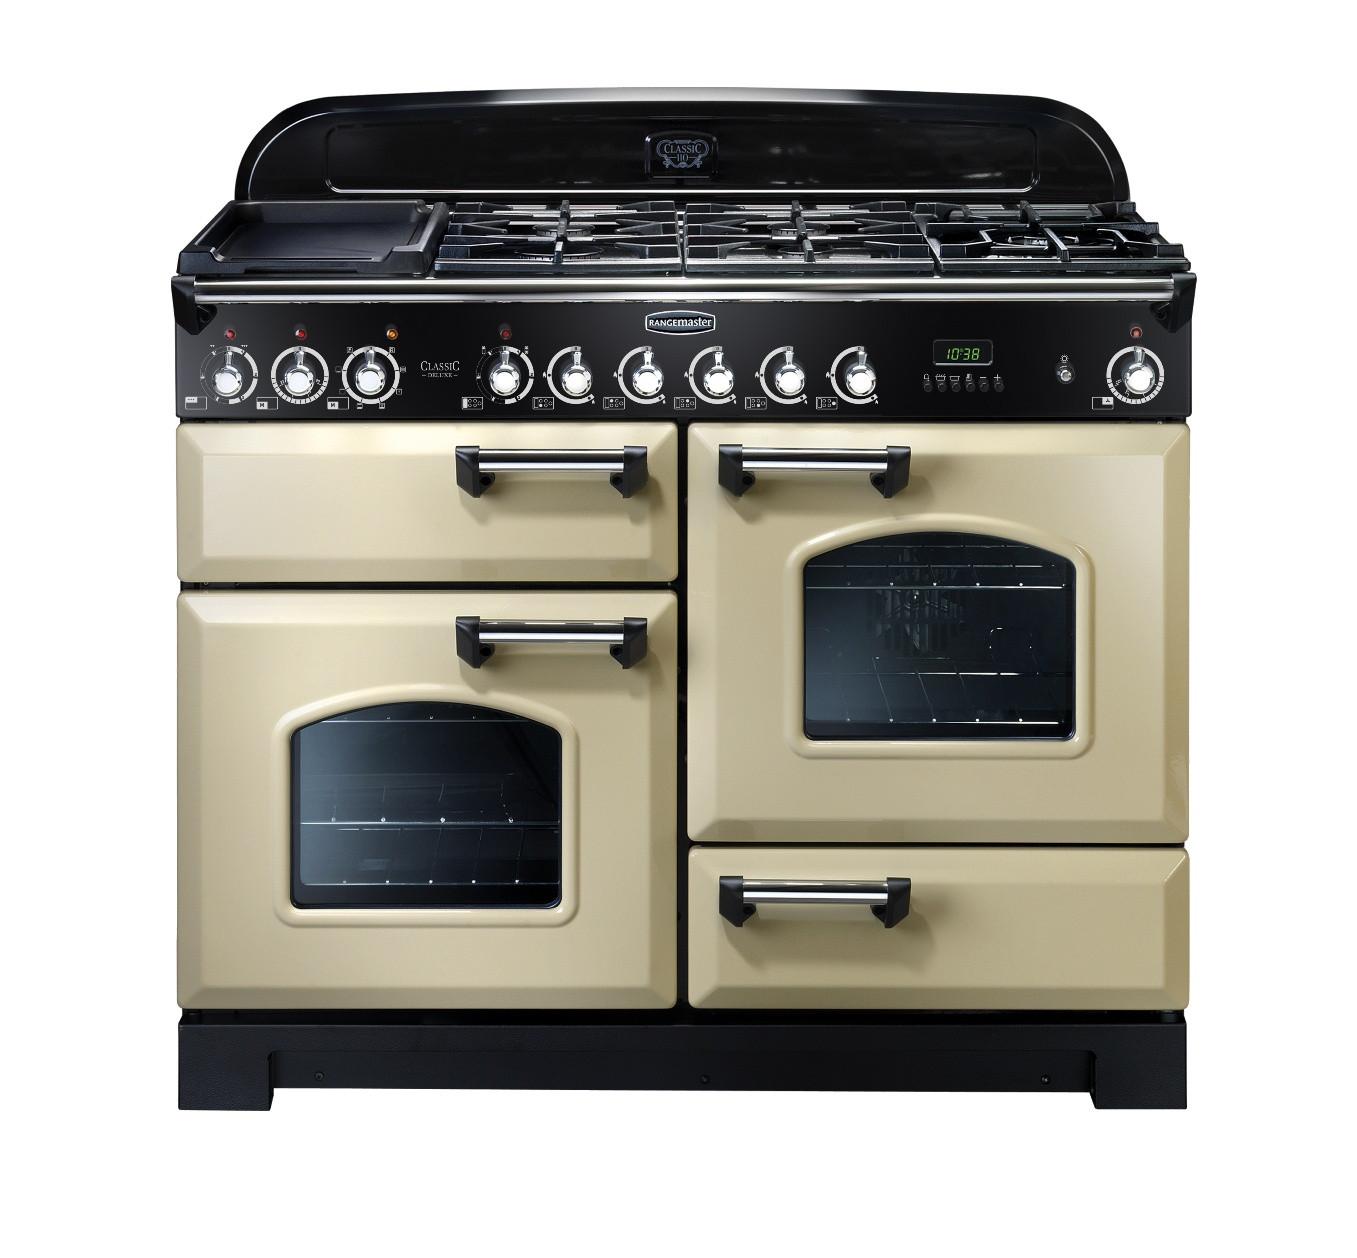 Rangemaster Classic Deluxe 110 Dual Fuel Range Cooker Cream/Chrome Trim CDL110DFFCR/C 79790